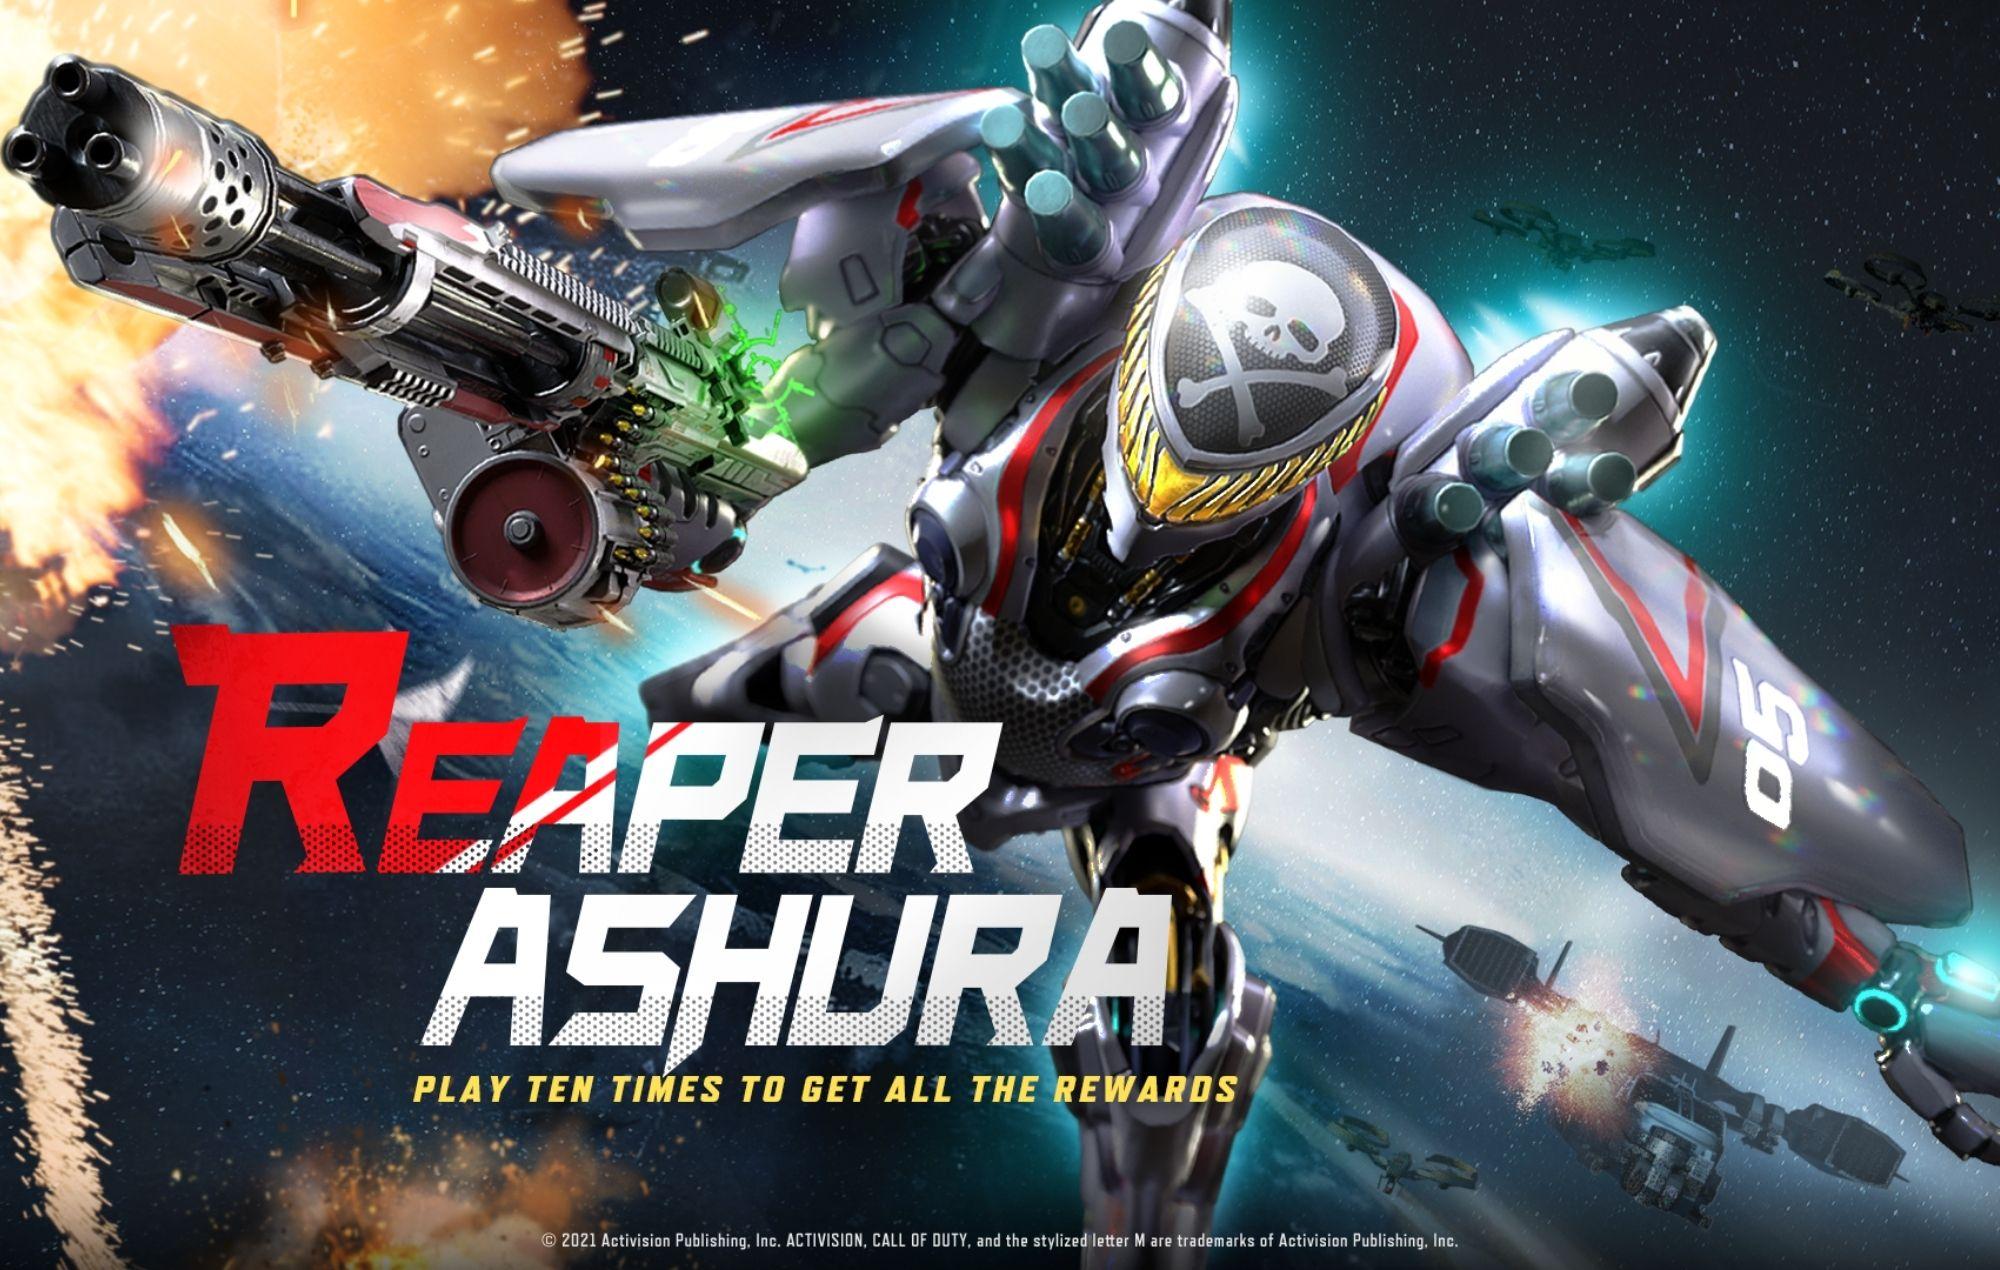 Reaper Ashura